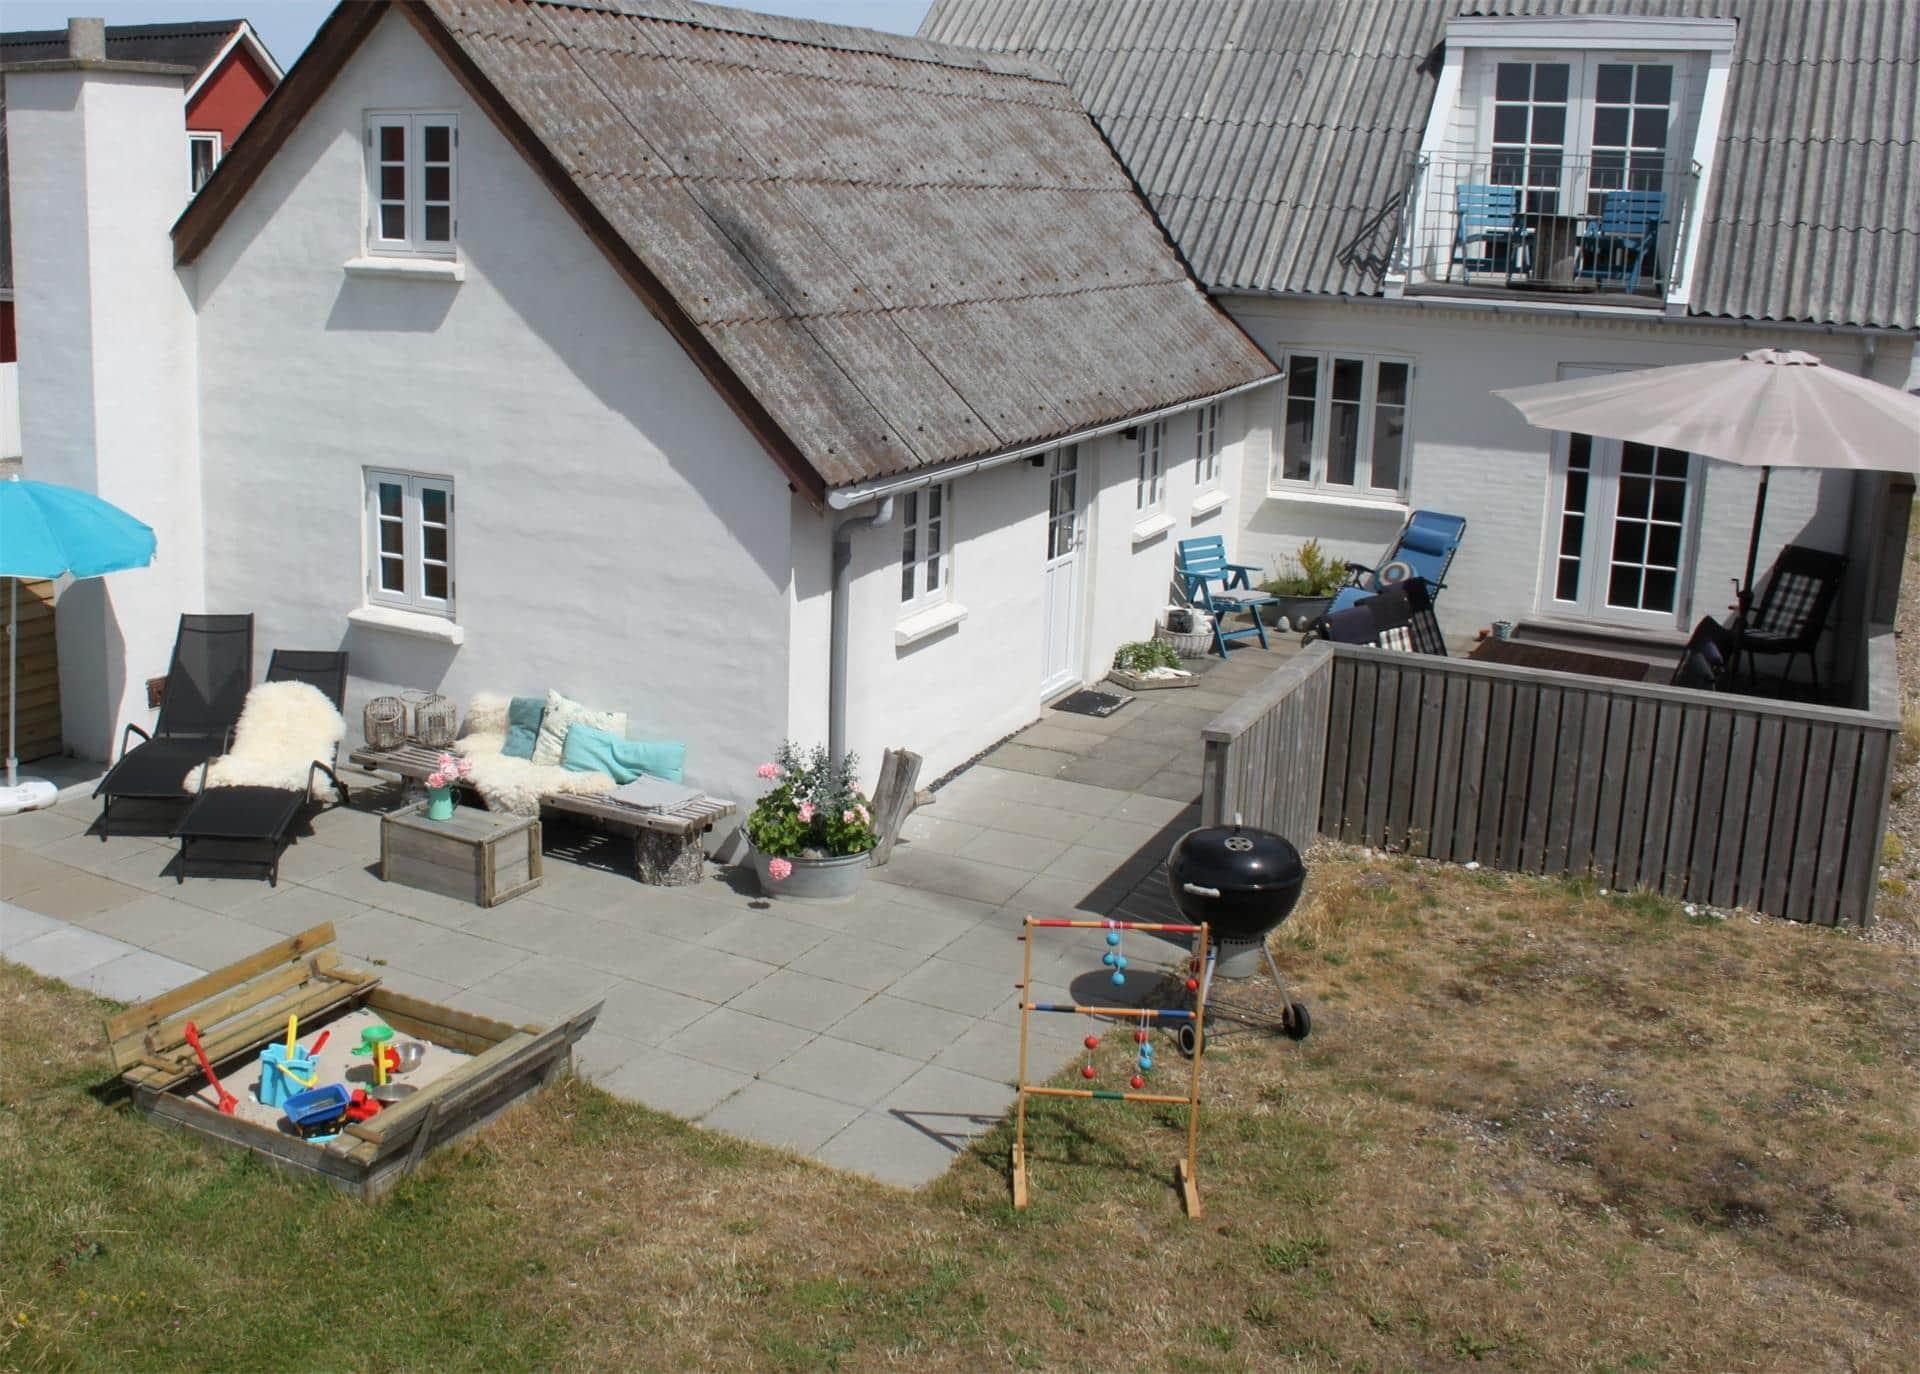 Bilde 1-13 Feirehus 575, Vesterhavsgade 75, DK - 7700 Thisted